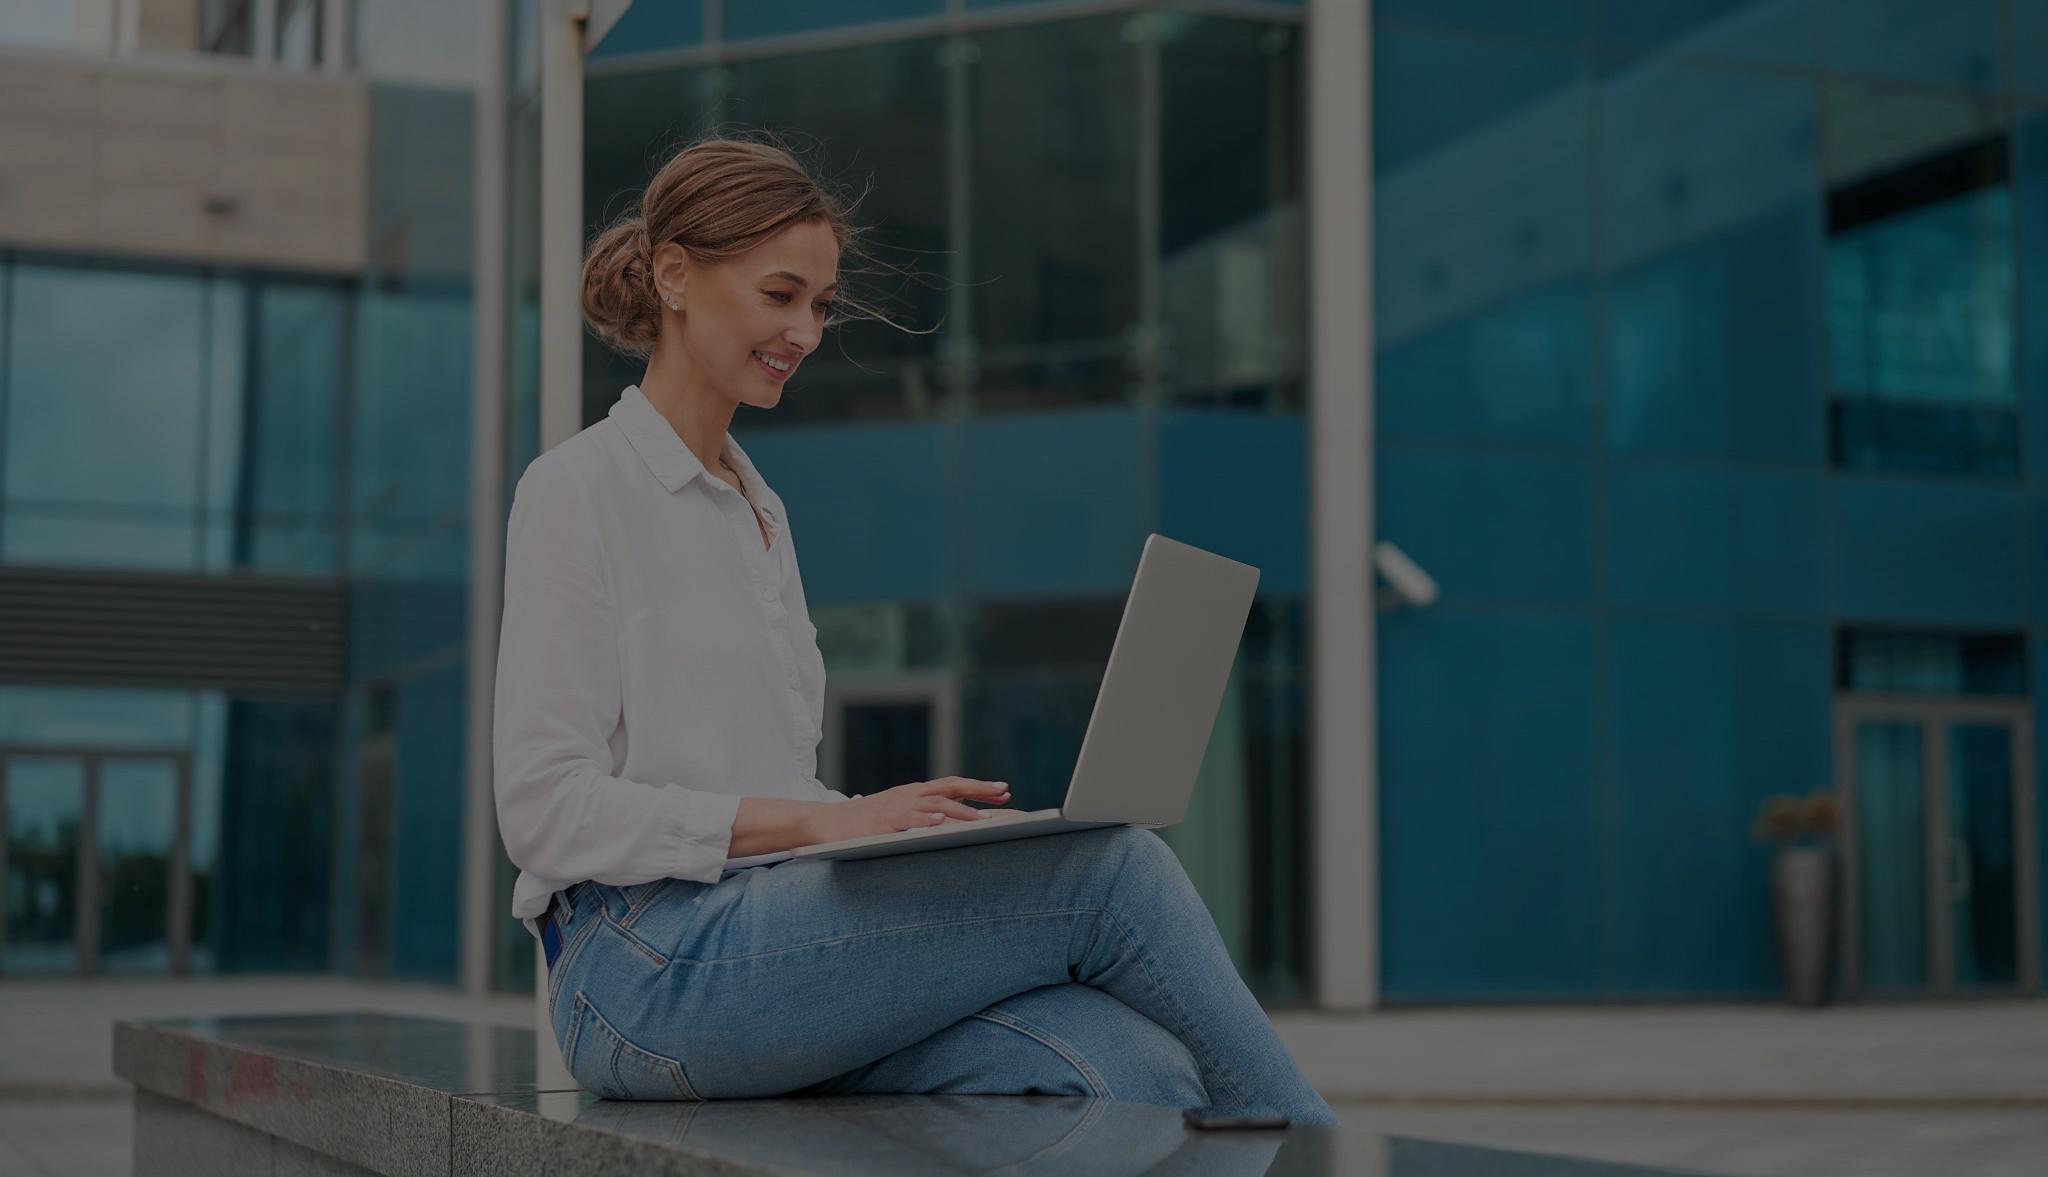 Kvinnelig CFO i eiendomsbransjen sitter ute å jobber på sin laptop